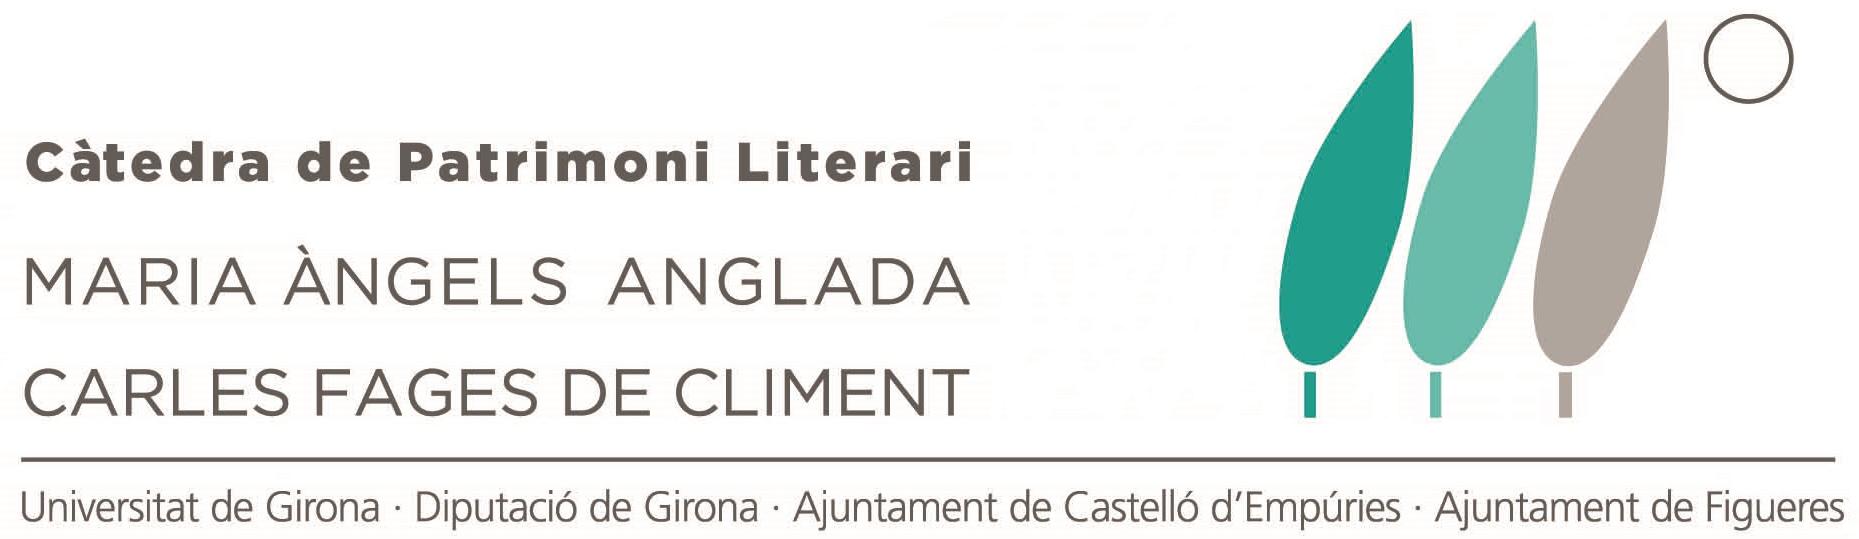 logo Càtedra Patrimoni Literari.png